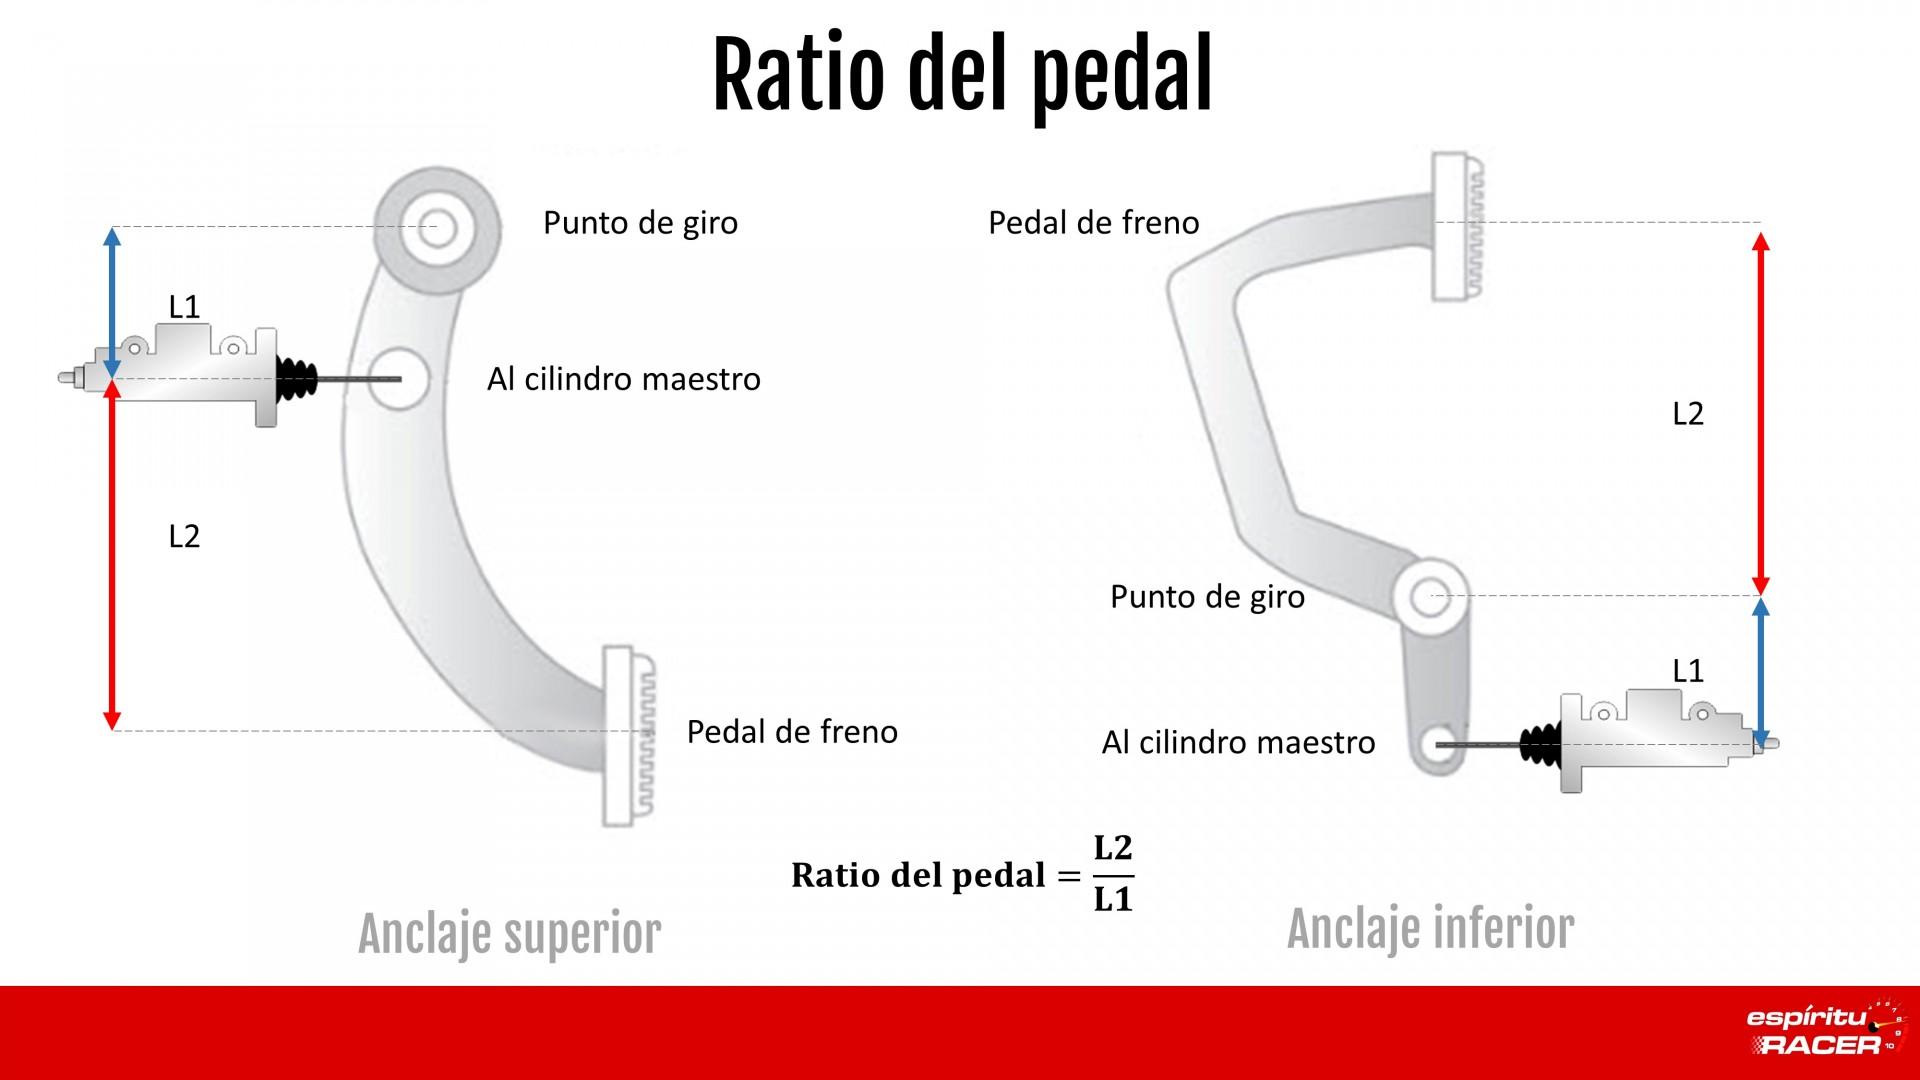 Ratio Del Pedal De Freno